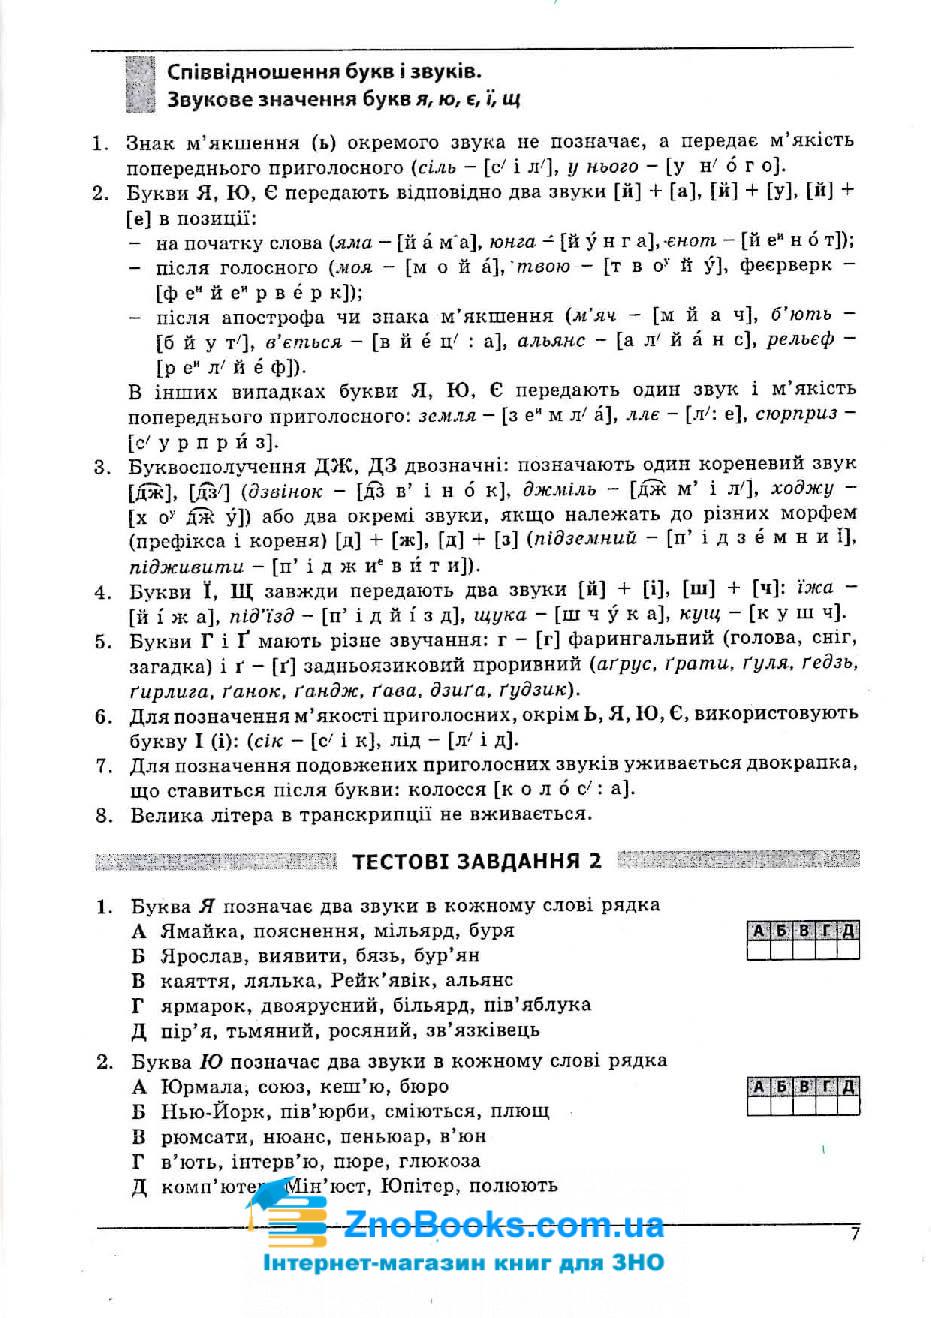 Українська мова та література ЗНО 2020. Довідник + тести. Повний повторювальний курс. Авт: Куриліна О. Вид-во: Абетка. купити 7